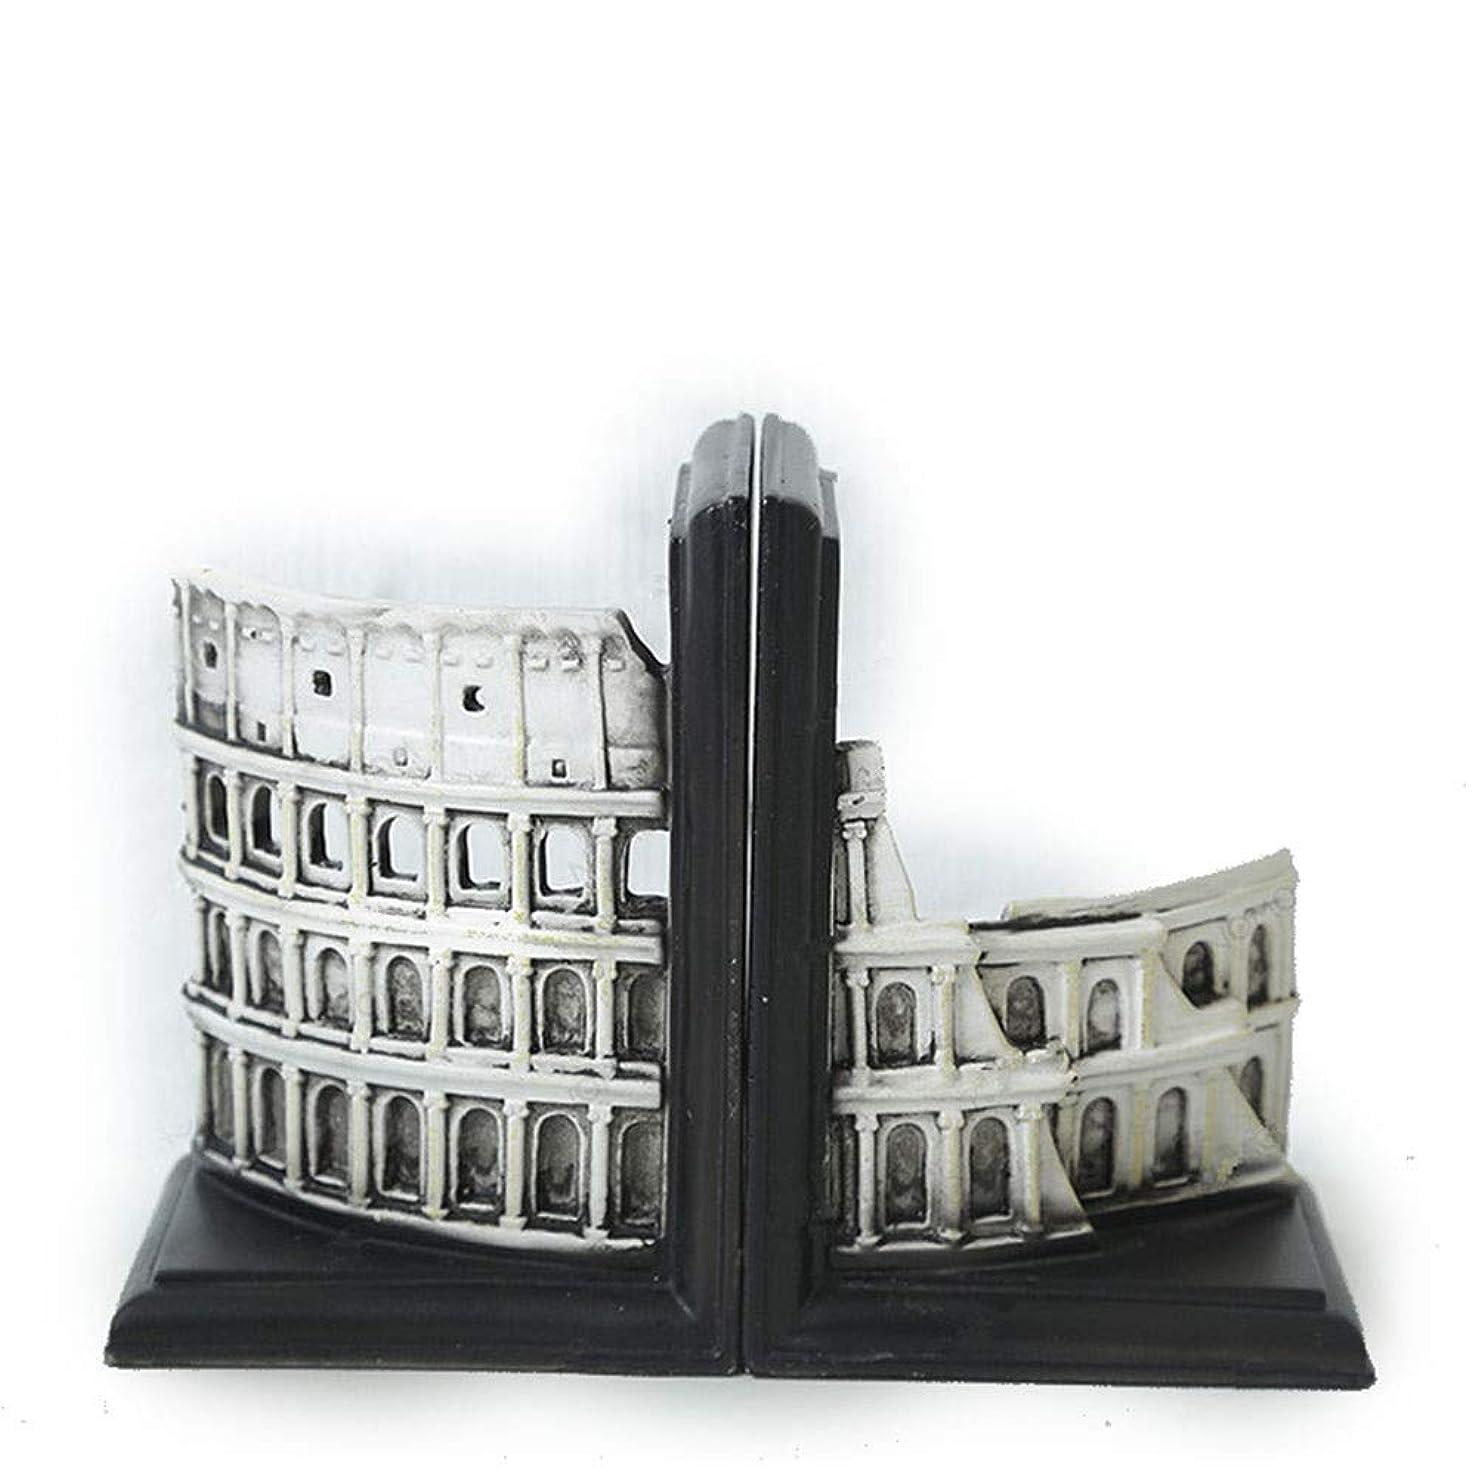 証明声を出して伸ばすブックエンド ビデオブックス作品雑誌のために2つの樹脂コロッセオアートブックエンドのセット 滑りにくいブックエンド (色 : Arena, Size : 11.5x8.5x16.5cm)